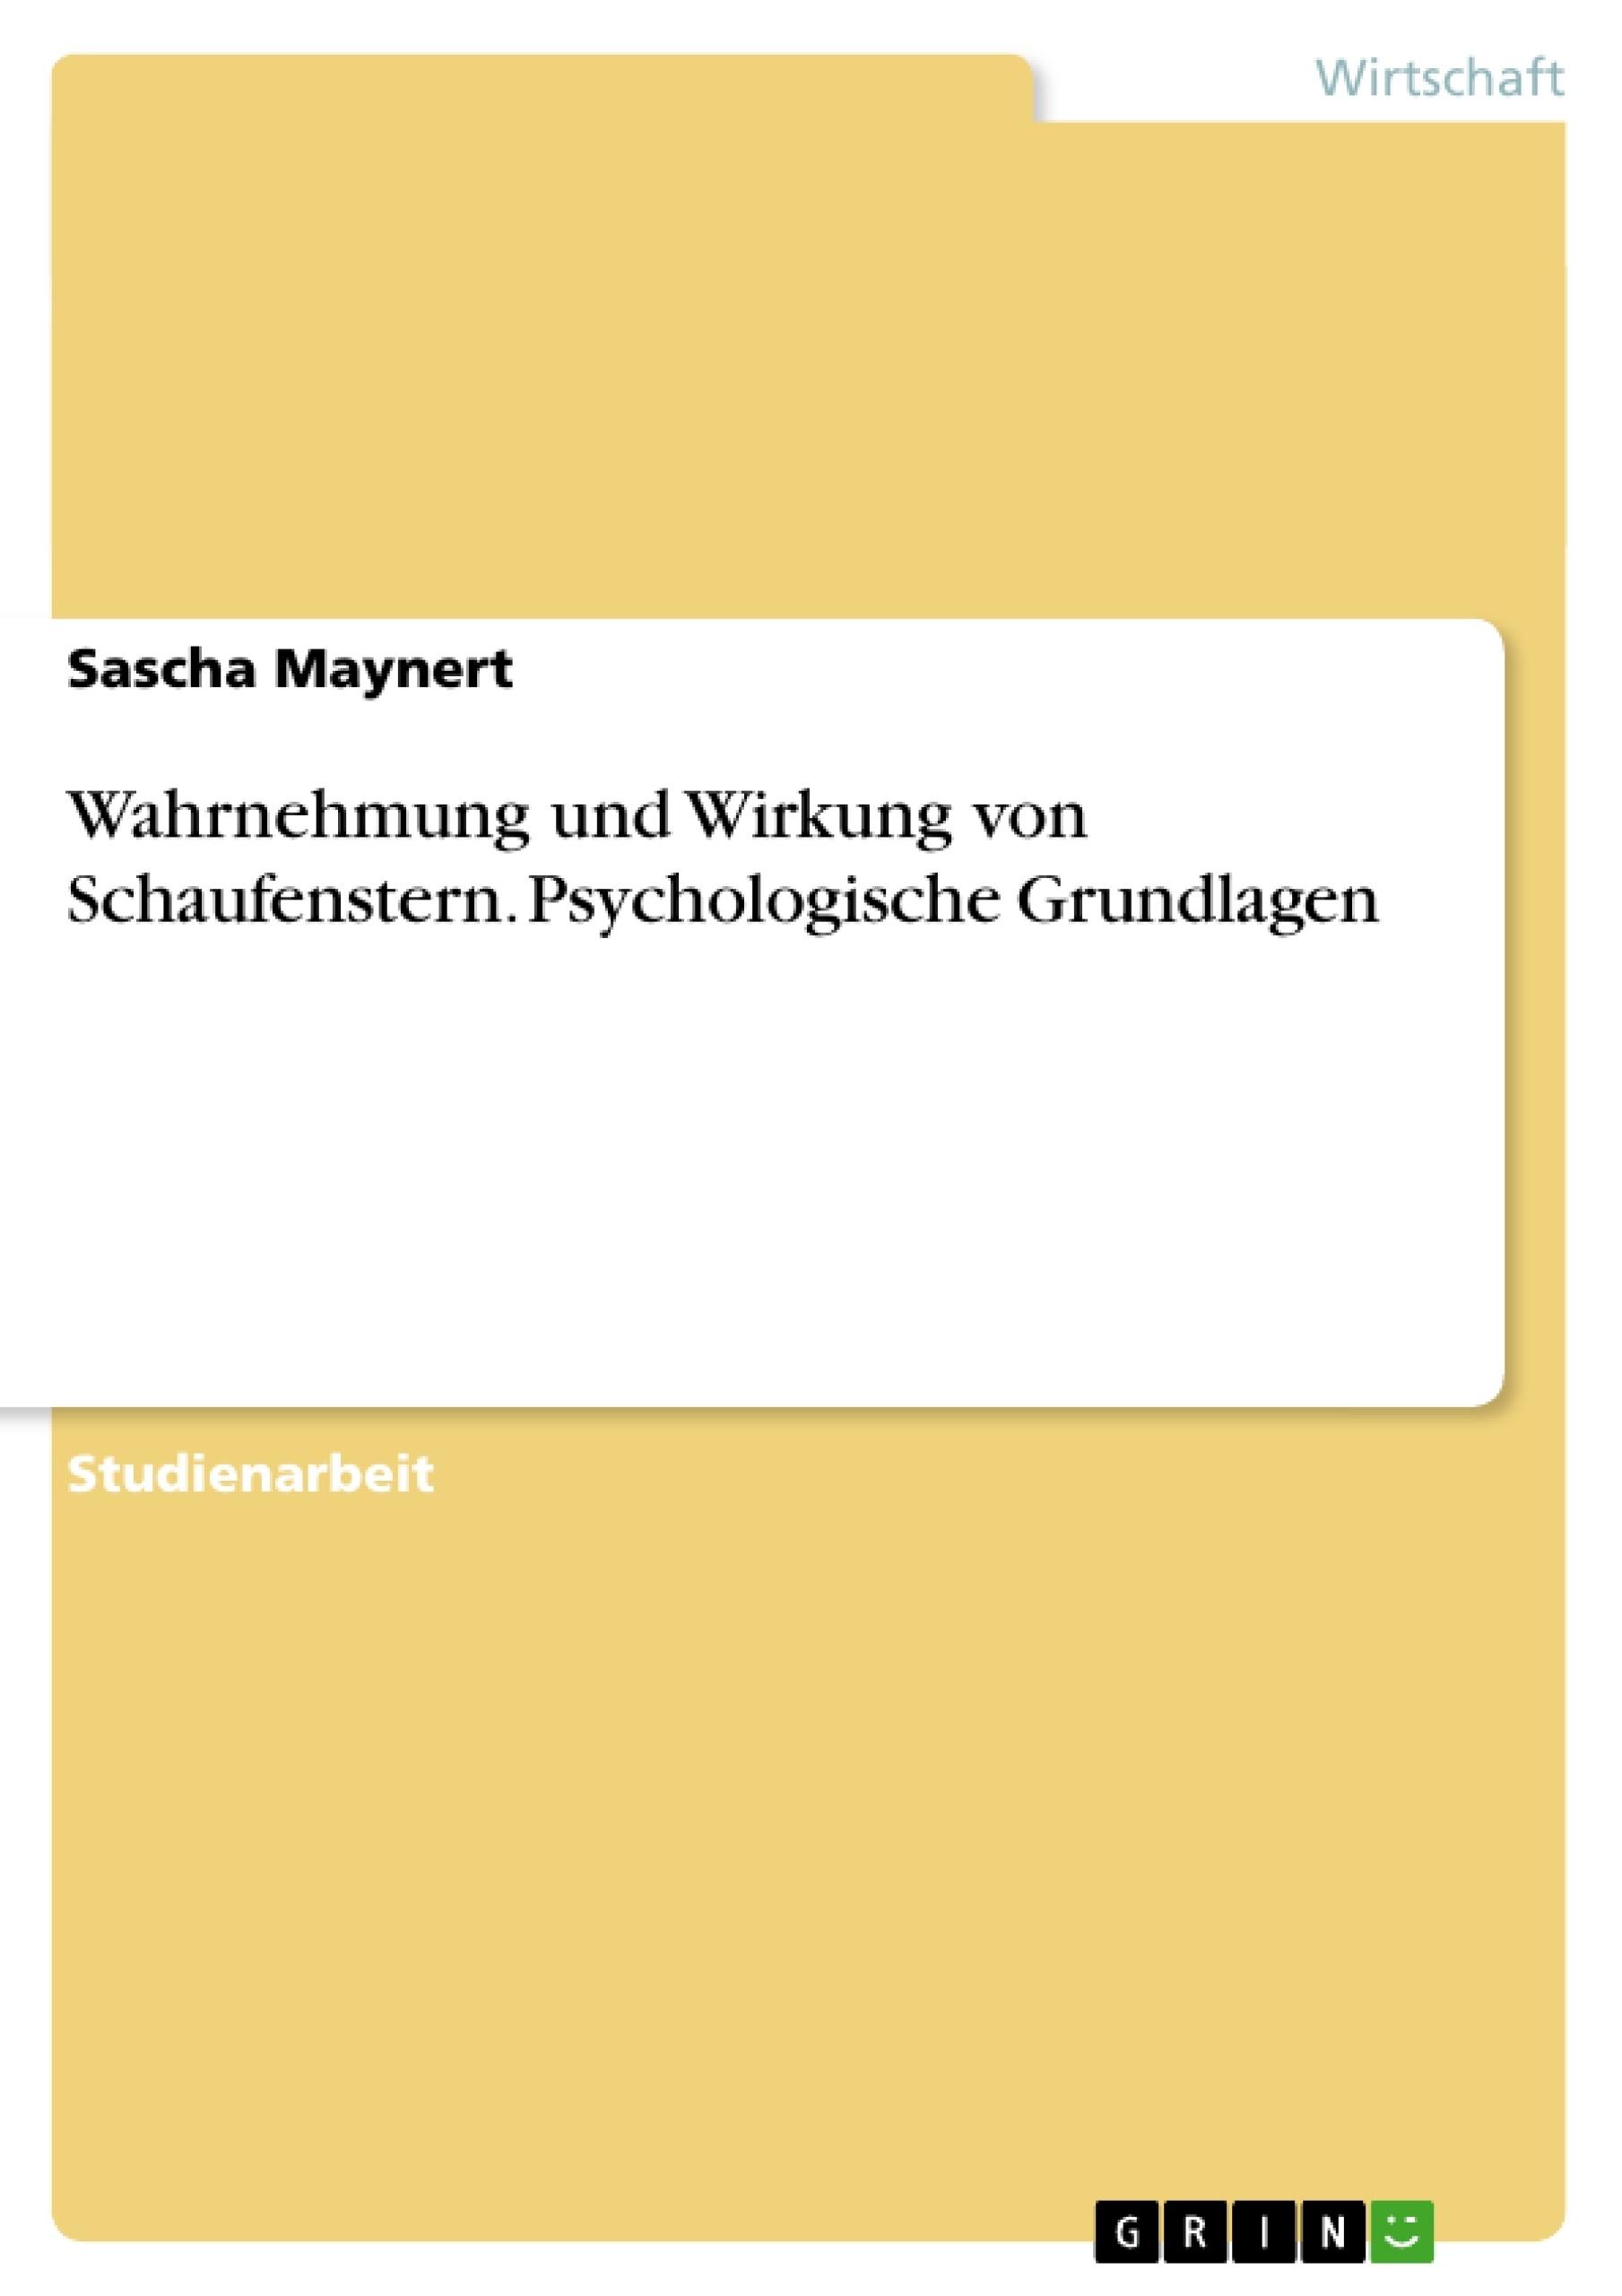 Titel: Wahrnehmung und Wirkung von Schaufenstern. Psychologische Grundlagen